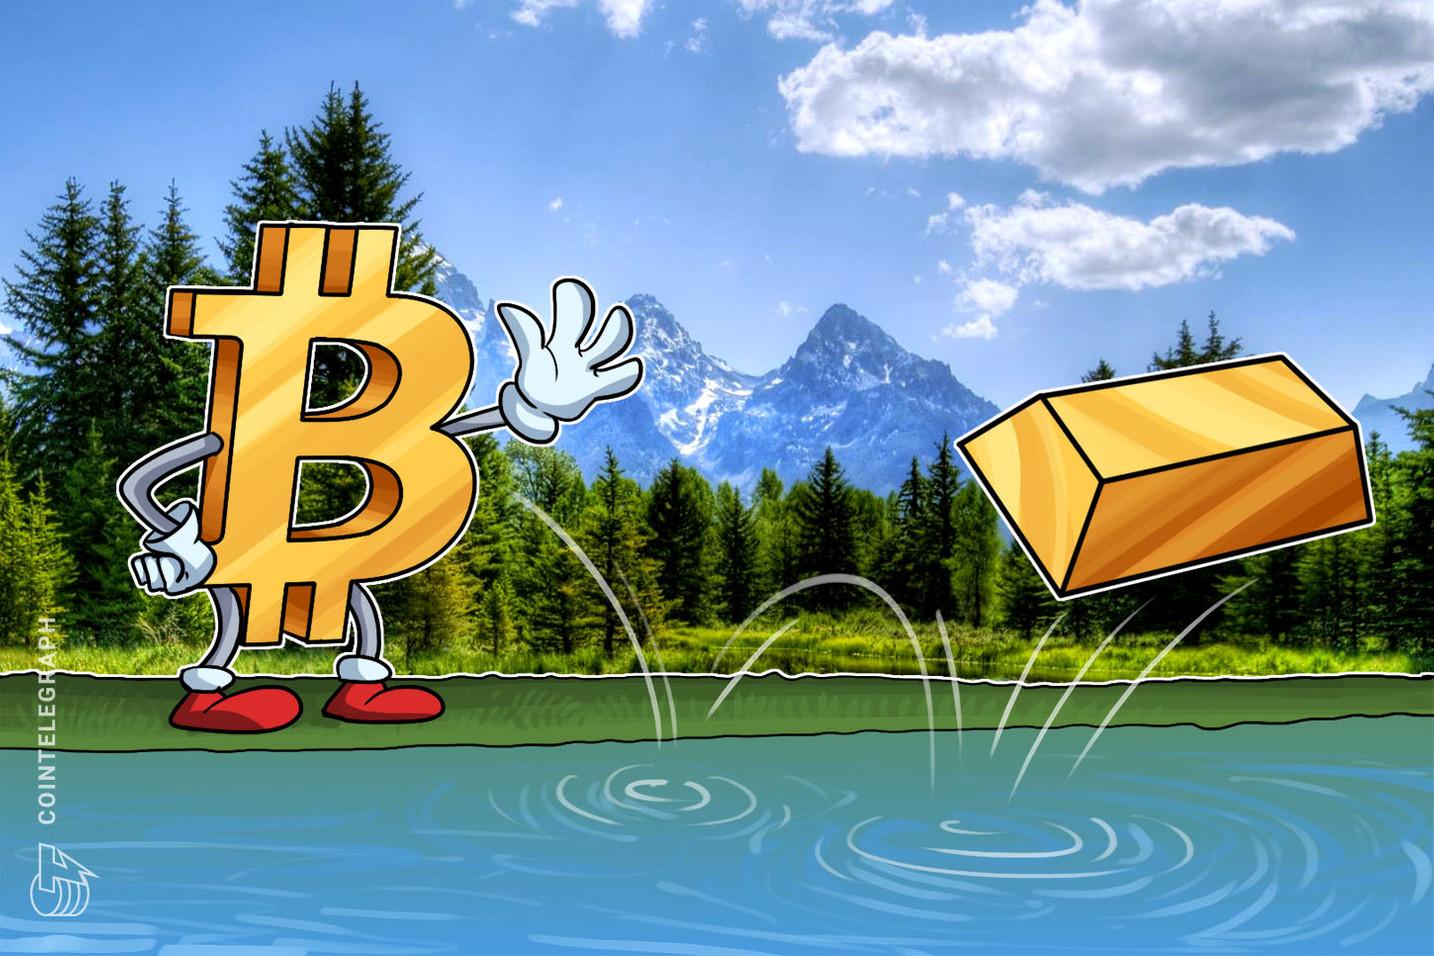 '¿OK Boomer?' El oro presenta la mayor pérdida desde 2013, mientras el precio de Bitcoin se mantiene estable